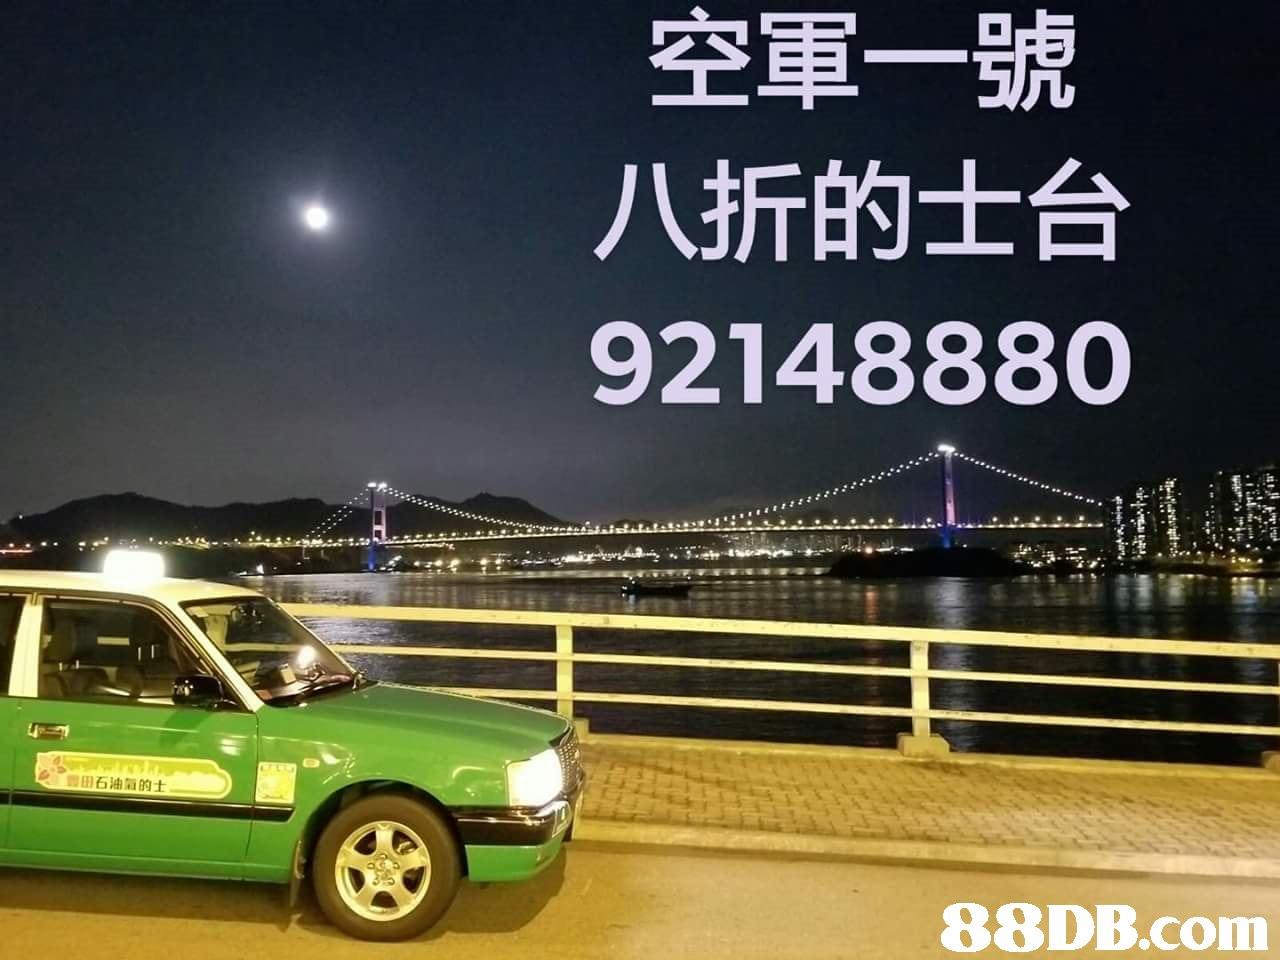 空軍一號 八折的士台 92148880 田石油氣的士   car,motor vehicle,mode of transport,automotive design,vehicle